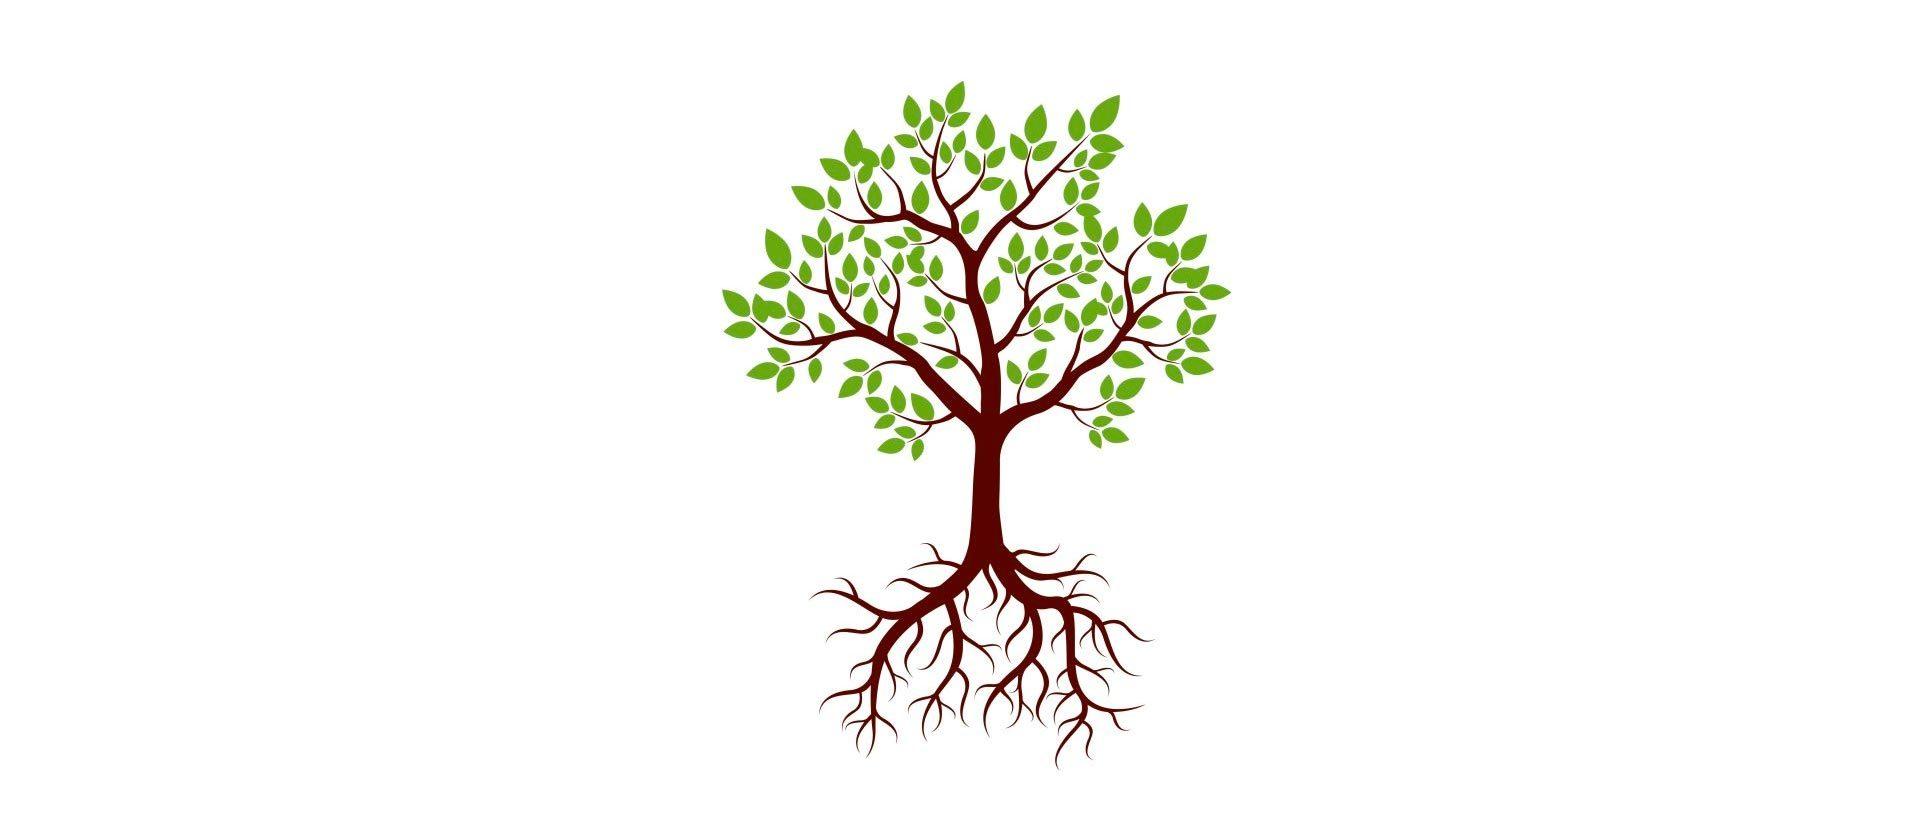 Test del árbol: utilidad y significación psicológica - ISFAP